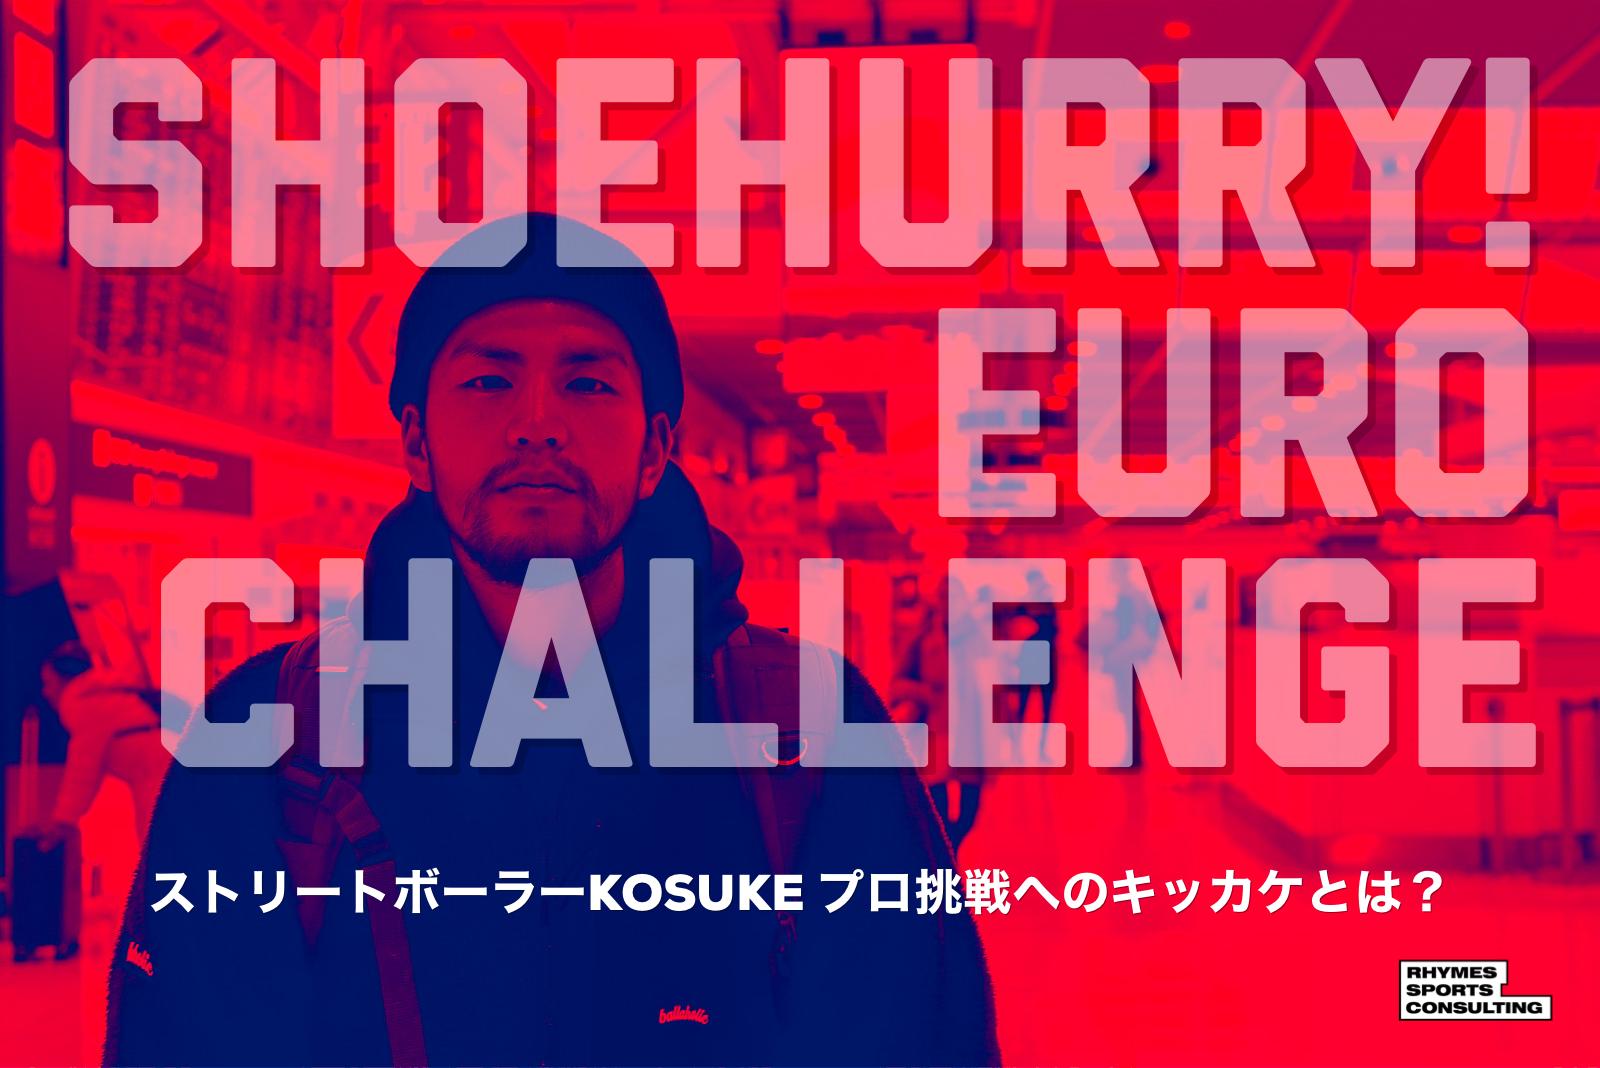 ストリートボーラー KOSUKE プロ挑戦へのキッカケとは?|SHOEHURRY! EURO CHALLENGE